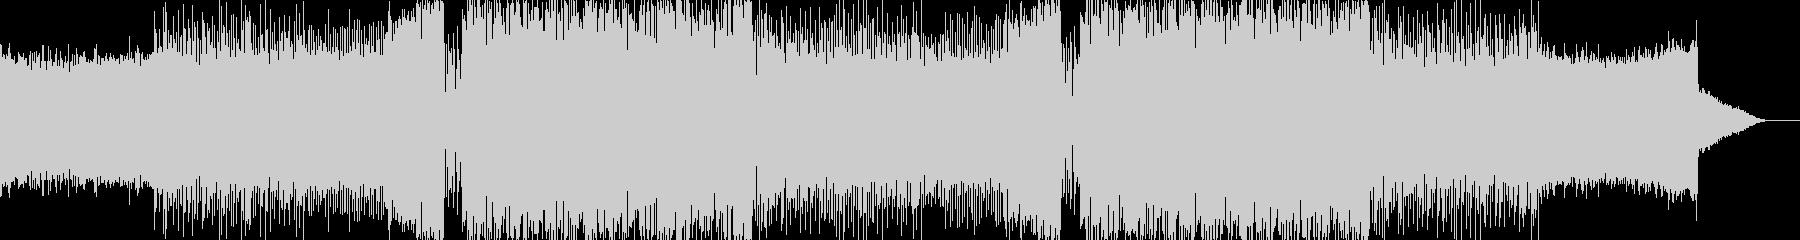 EDM、凶悪なワブルベースのダブステップの未再生の波形